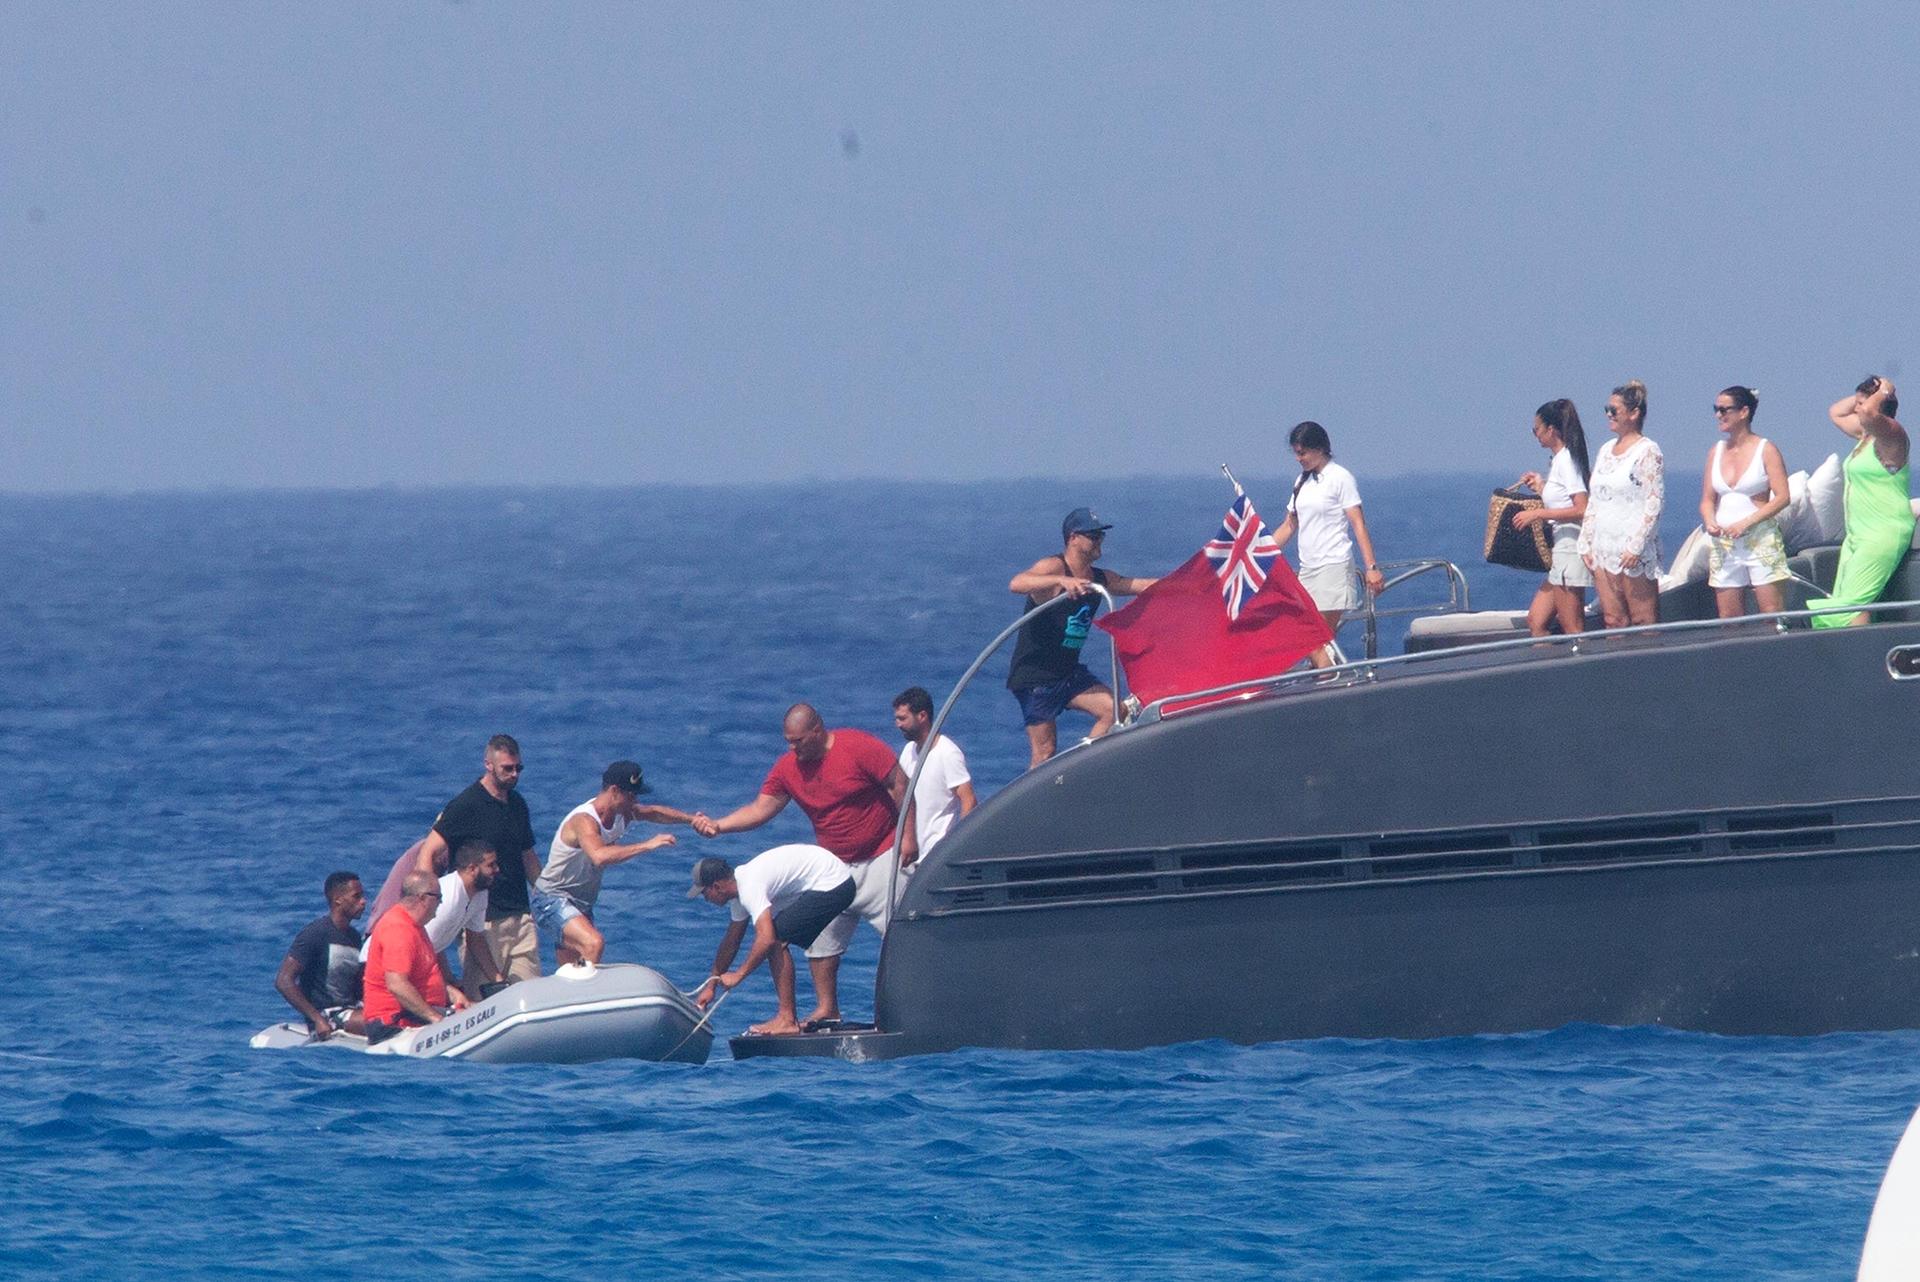 Al regreso del paseo en bote, el luso es ayudado por uno de los habitantes del barco que habita en sus días de descanso para regresar al lugar de reposo donde lo esperaba su novia, Georgina Rodríguez